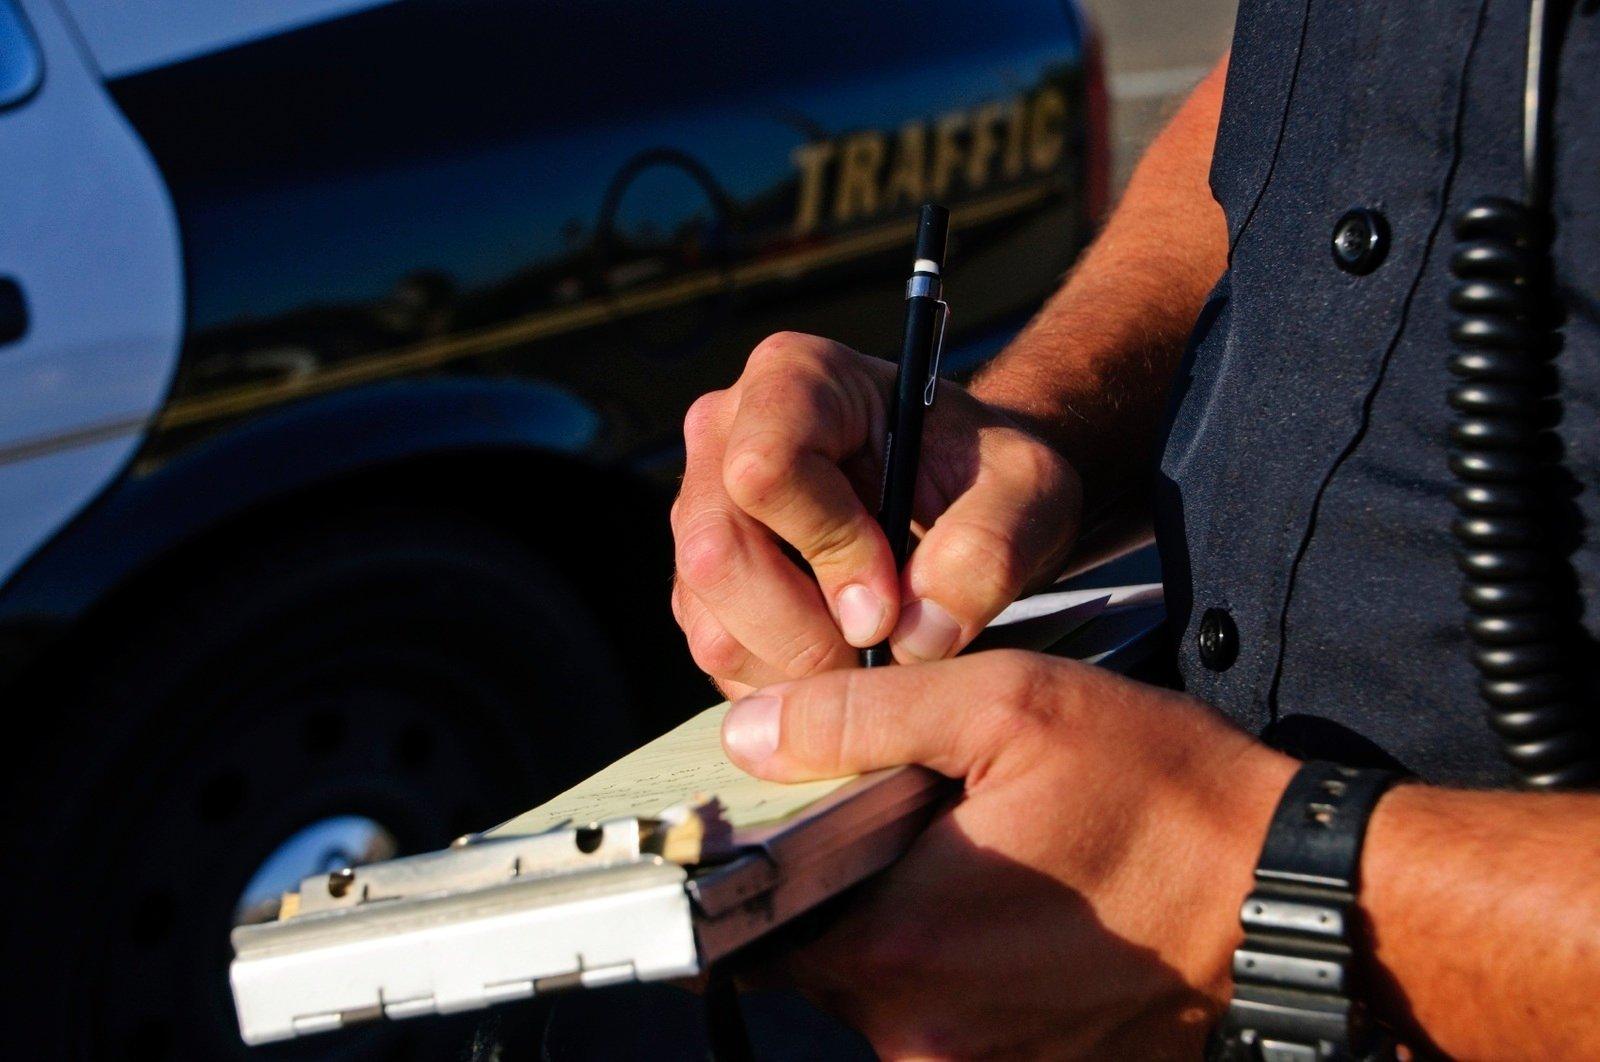 在美国遇到交通罚单怎么办? 减免罚单三大招